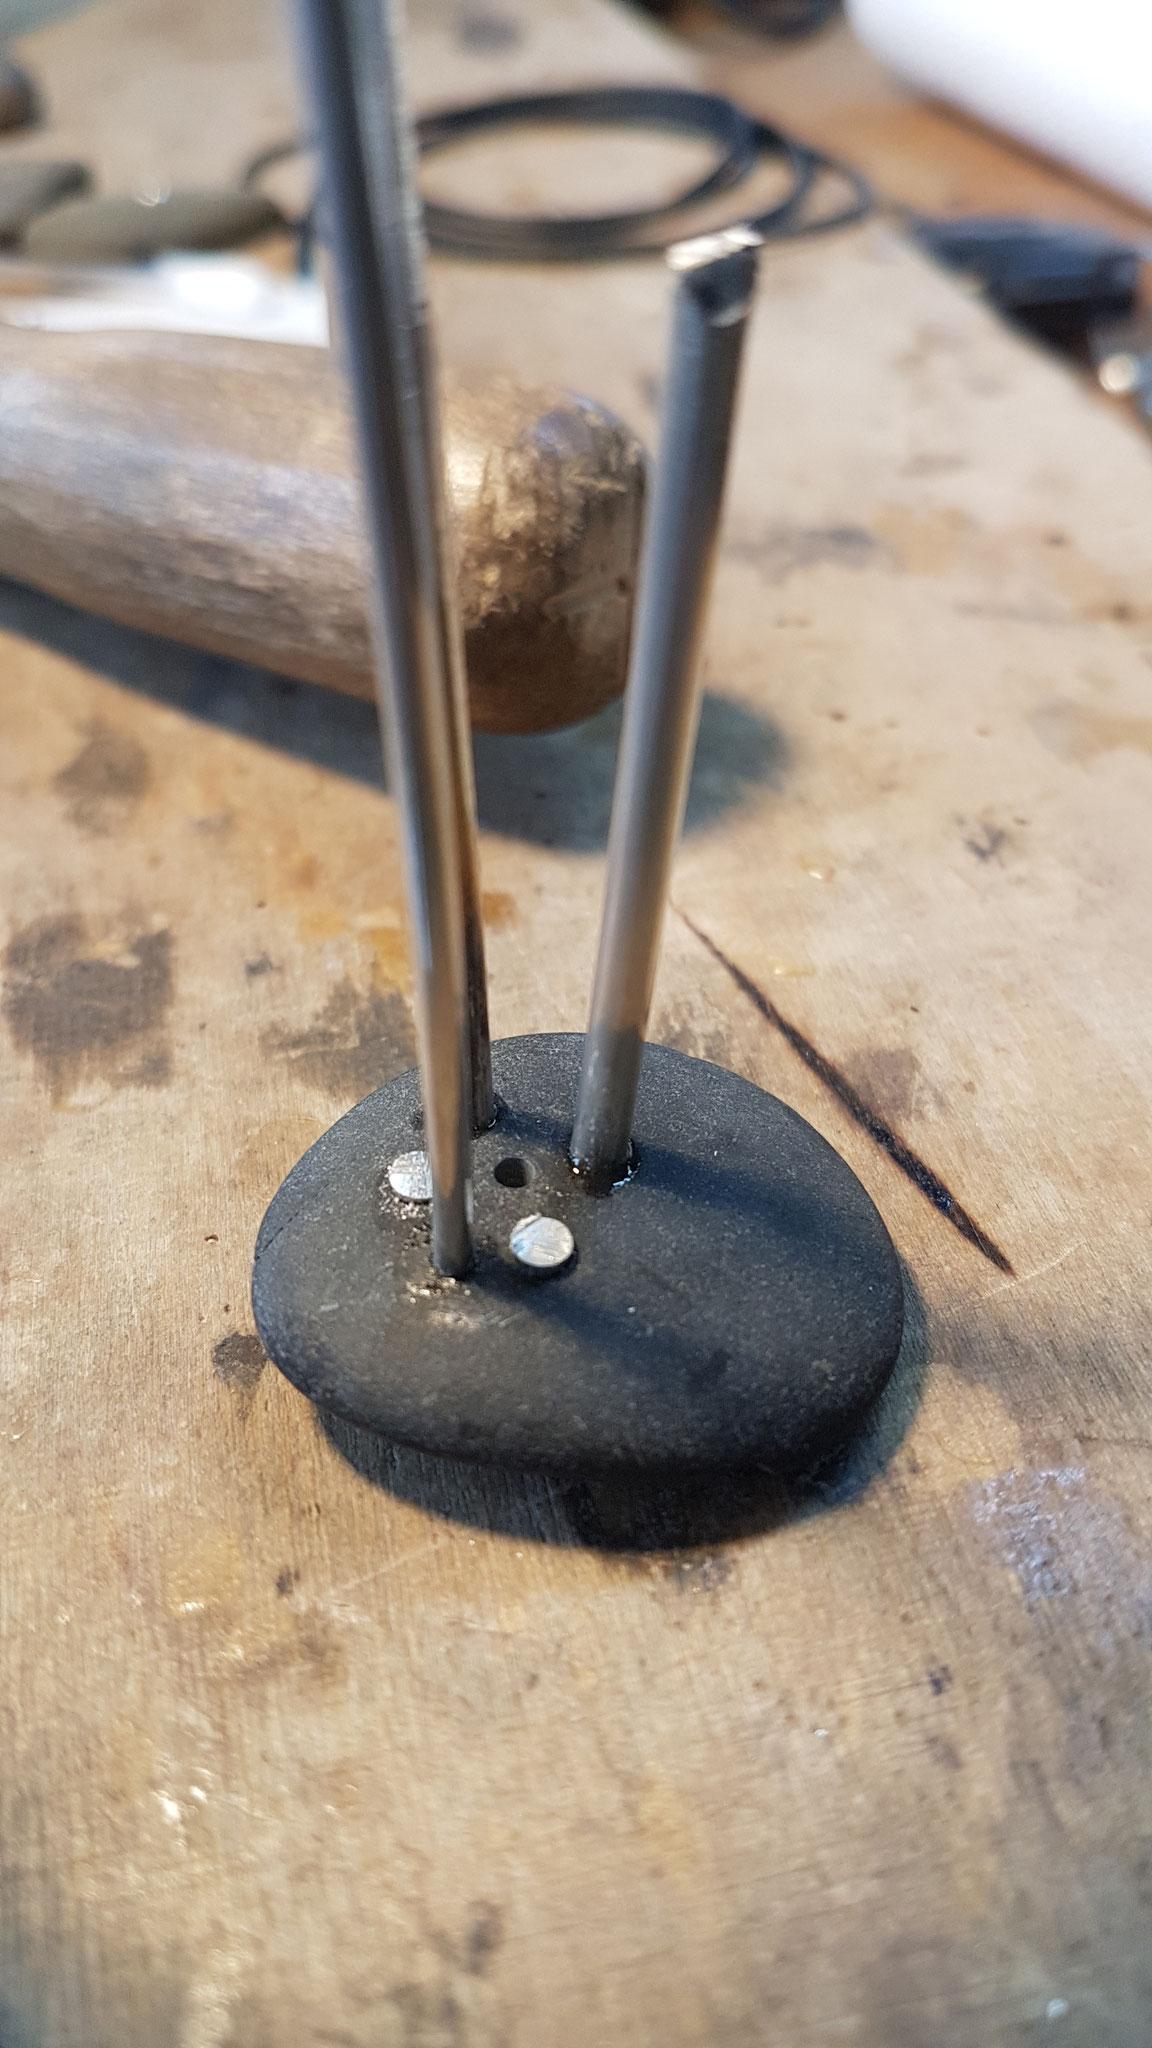 In alle Löcher wird Silber eingearbeitet.